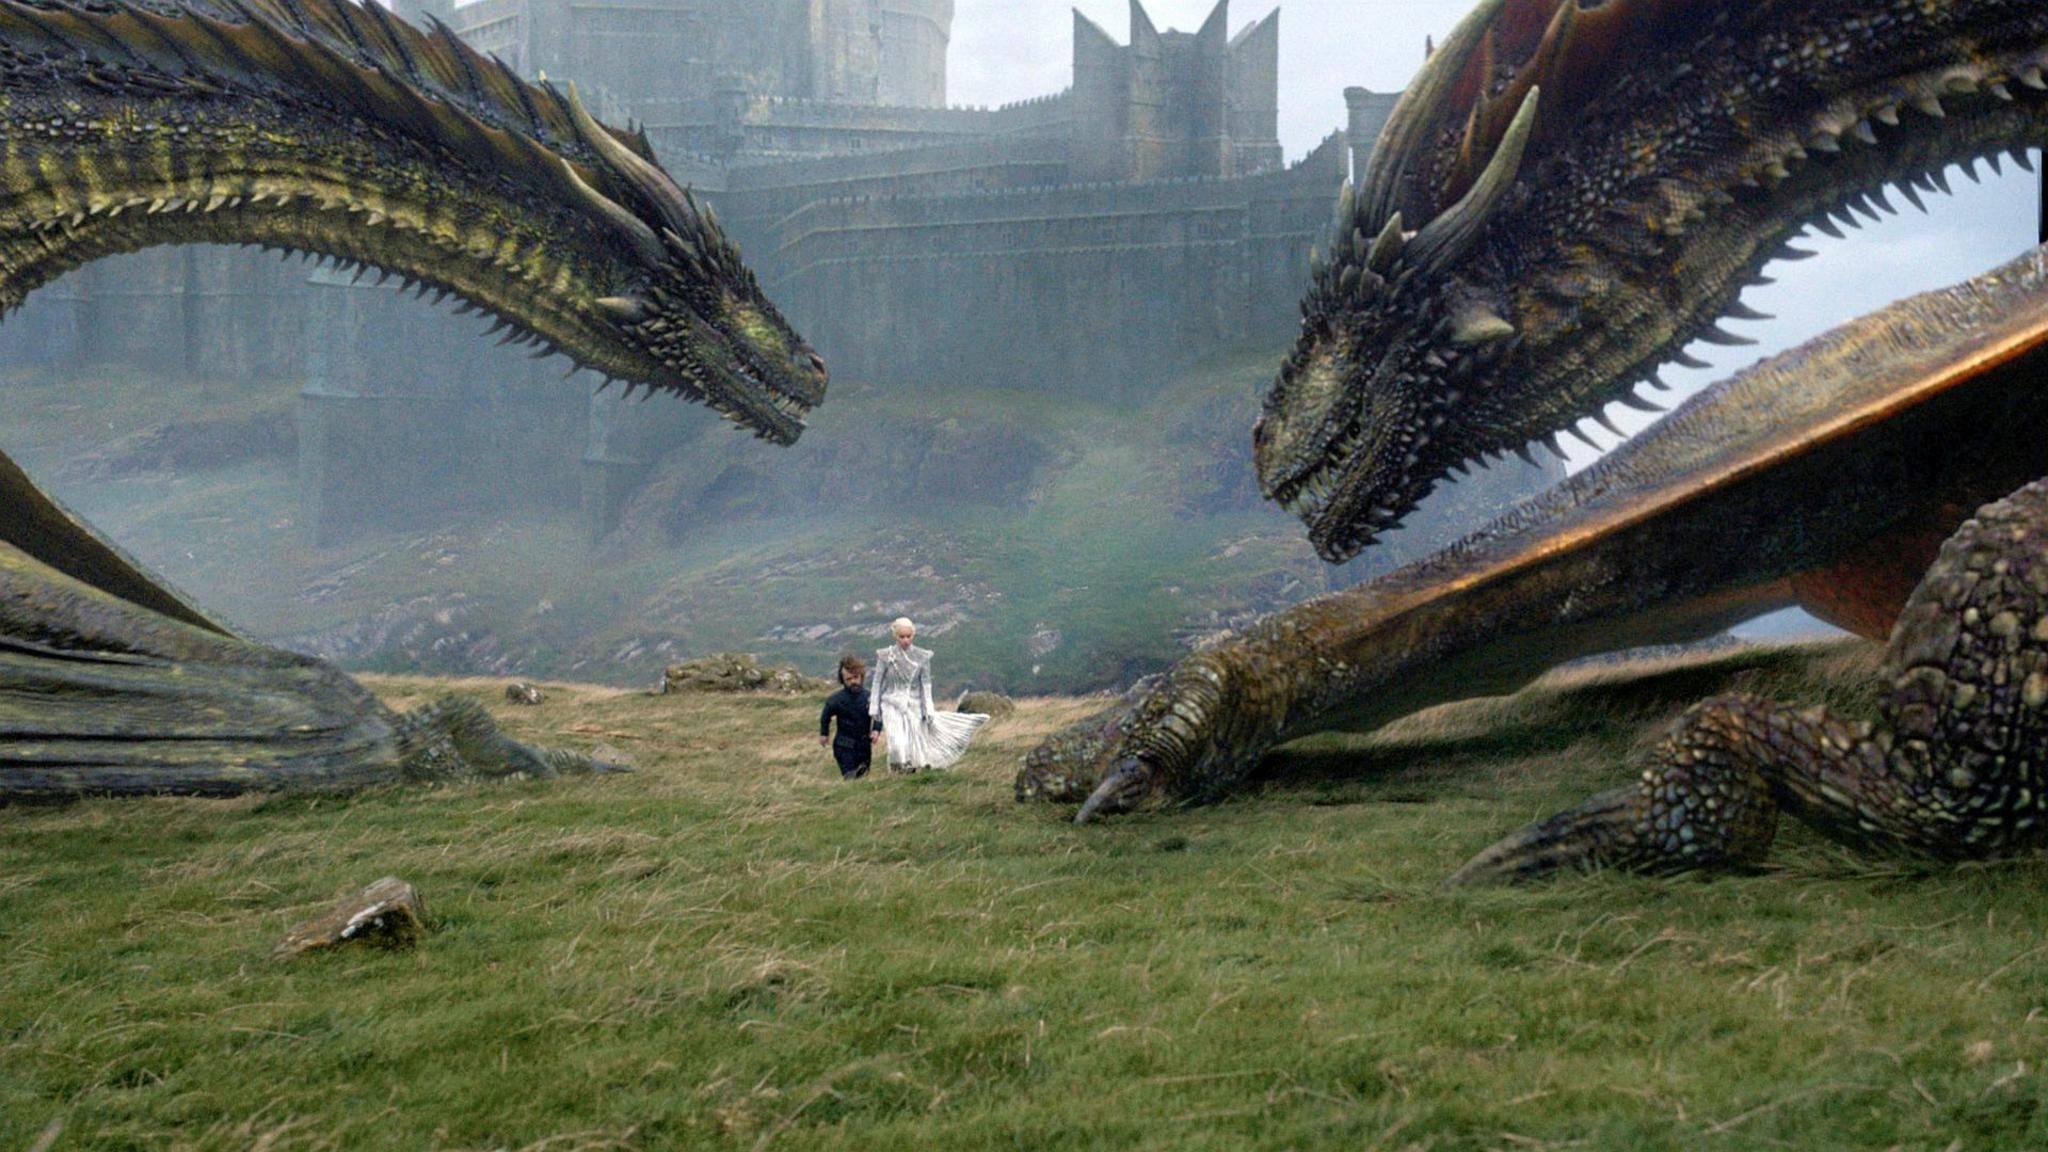 """Sehr detailliert und gar nicht so unrealistisch: die Drachen aus """"Game of Thrones""""."""